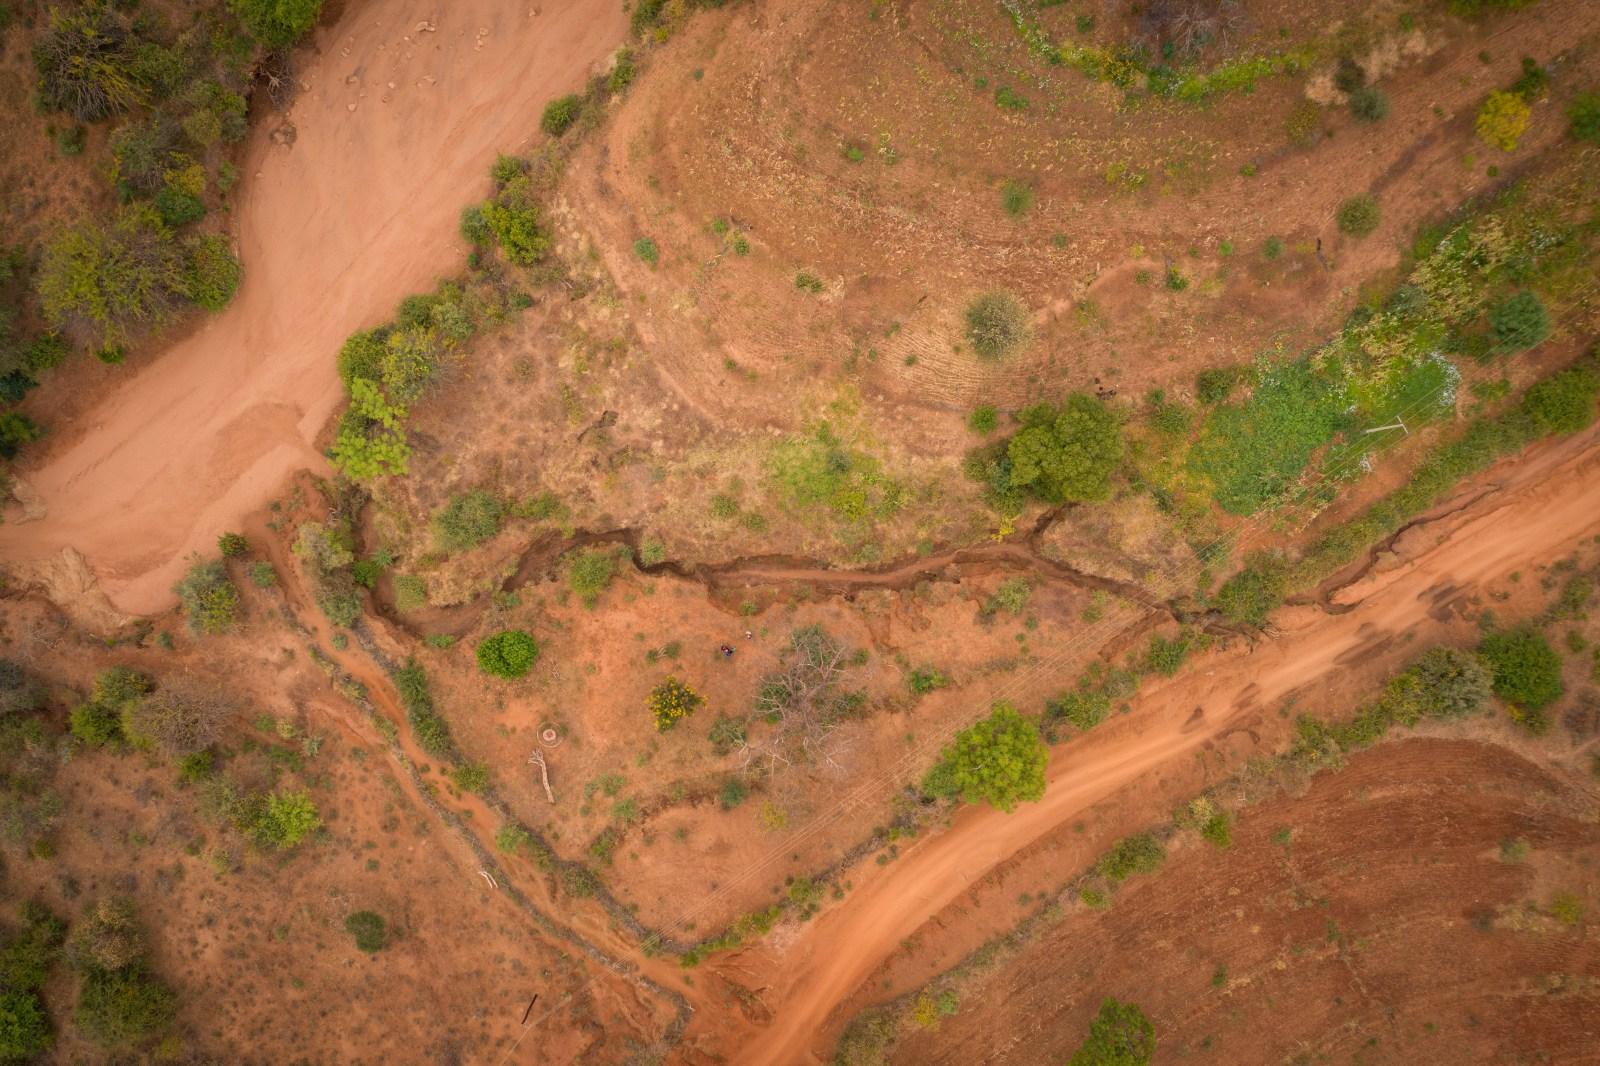 På den här drönarbilden syns det tydligt hur gården har blivit uppdelad i två delar. Den nedersta delen kan han inte längre använda på grund av uppdelningen som vattnet har gjort. Han har lönlöst försökt leda om och stoppa vattnet. Tyvärr var det här ett ganska vanligt problem i det här området.